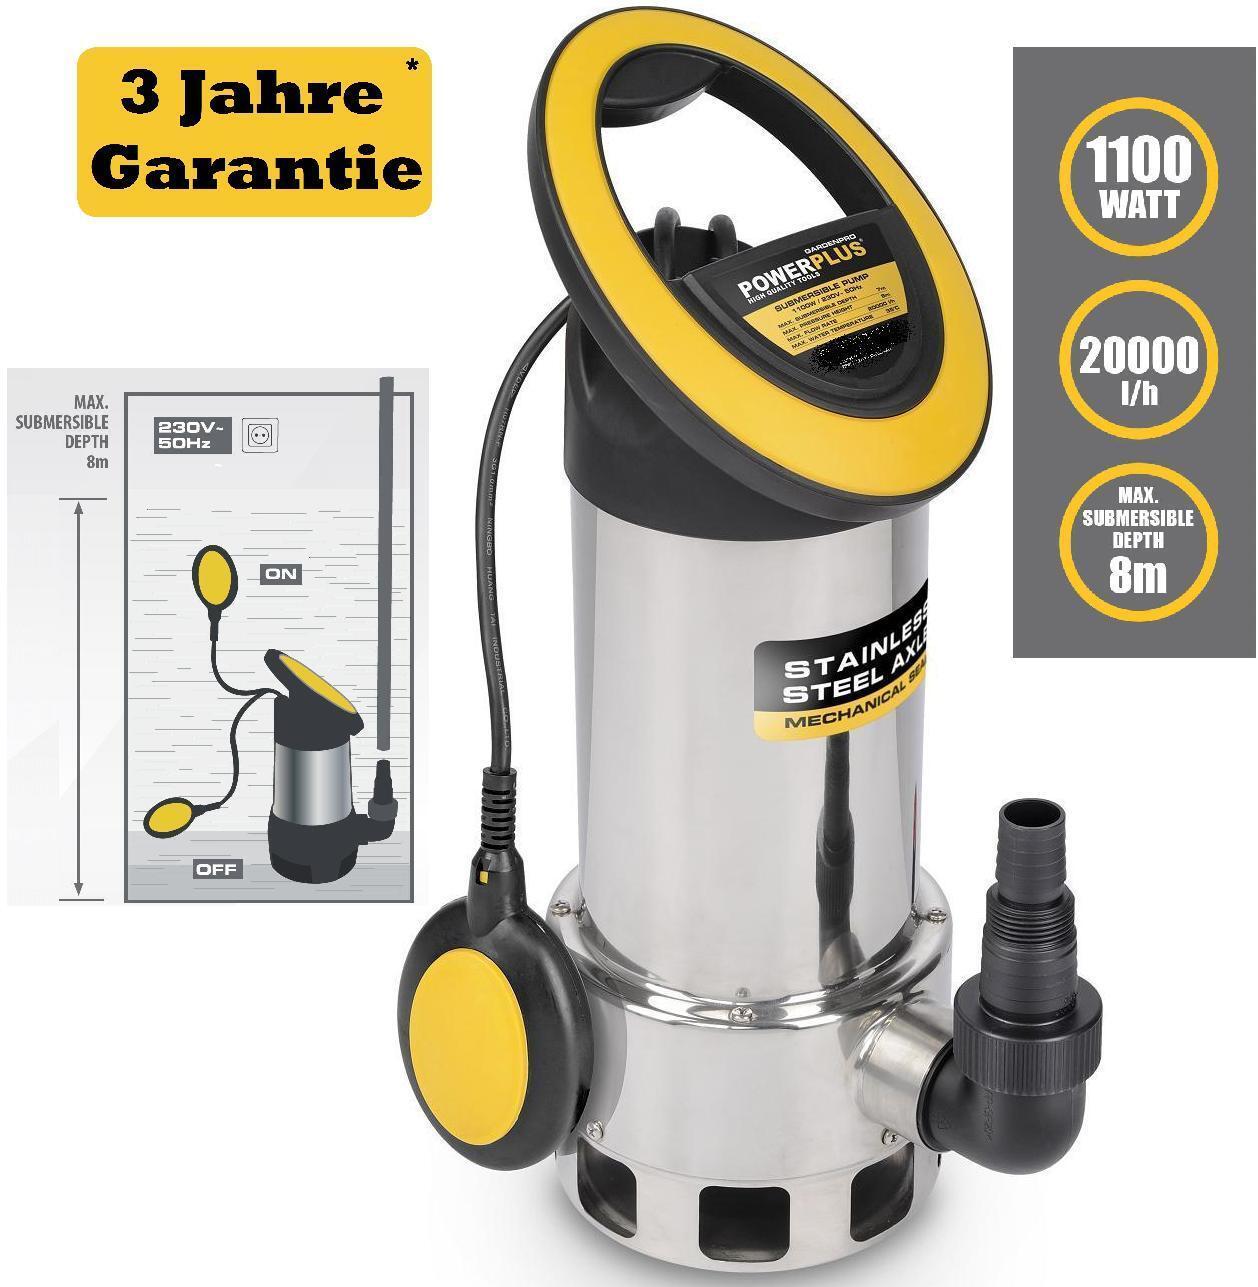 Professionale Pompa Pompa per Fontane Pompa ad Acqua Edelstahlpumpe 1100 W Pompa